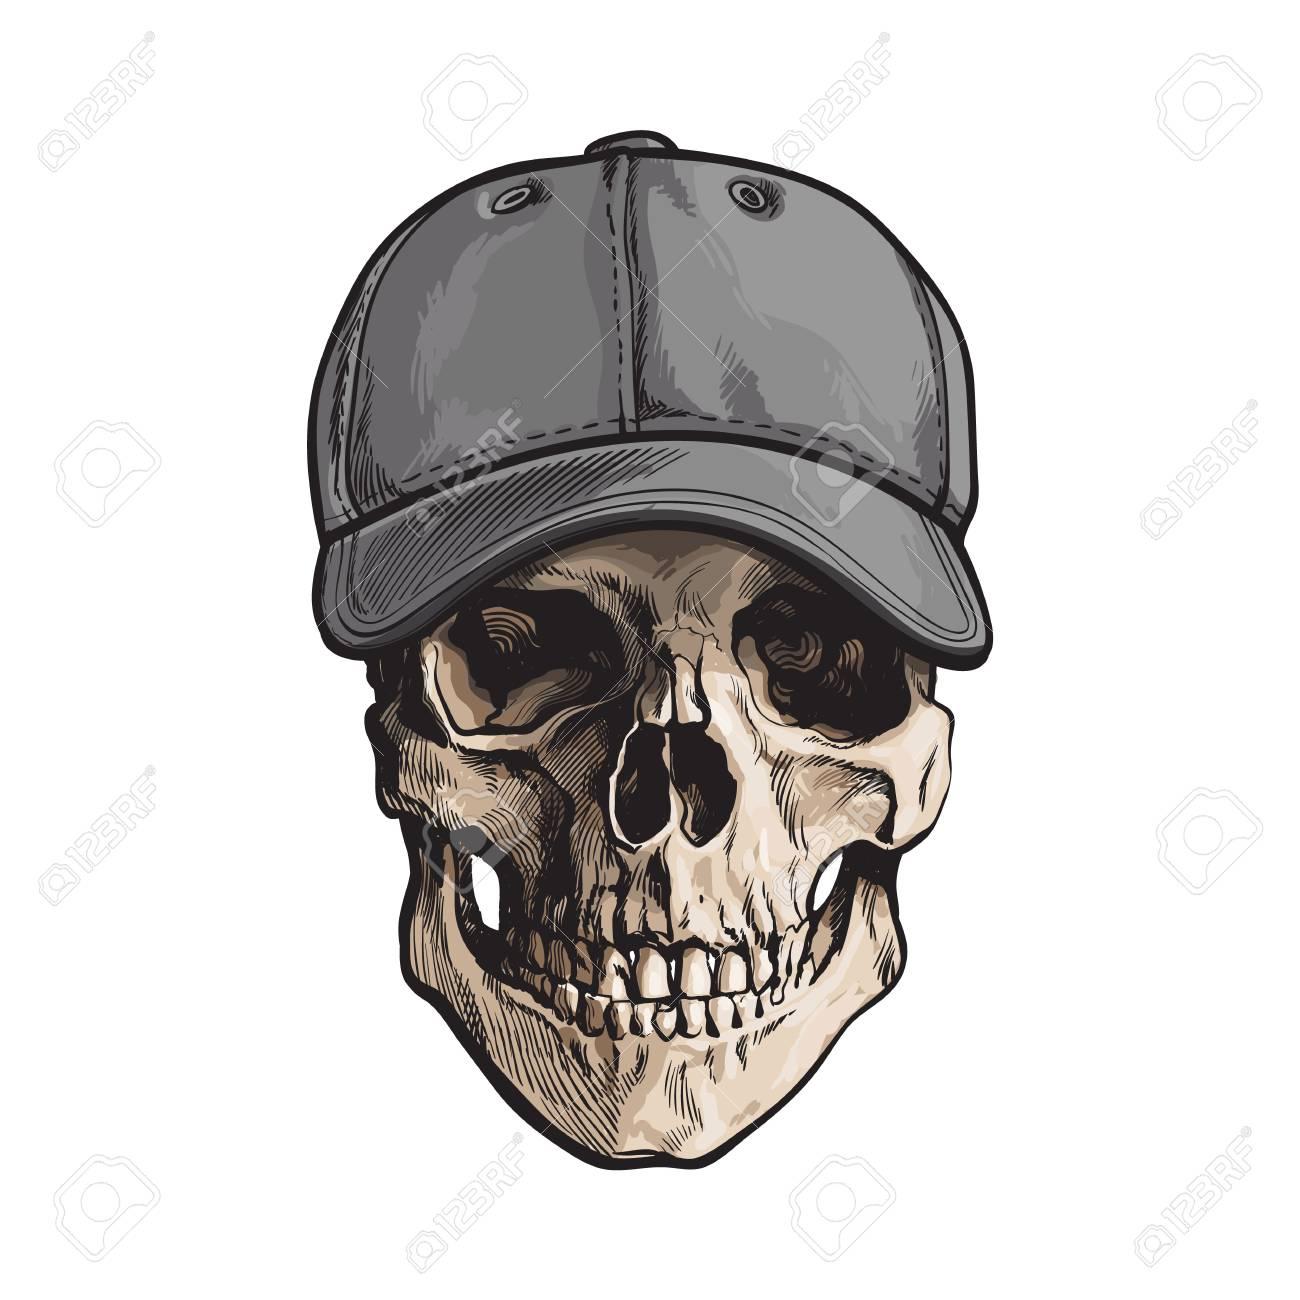 Cráneo Humano Dibujado A Mano Que Lleva La Gorra De Béisbol Gris No ...